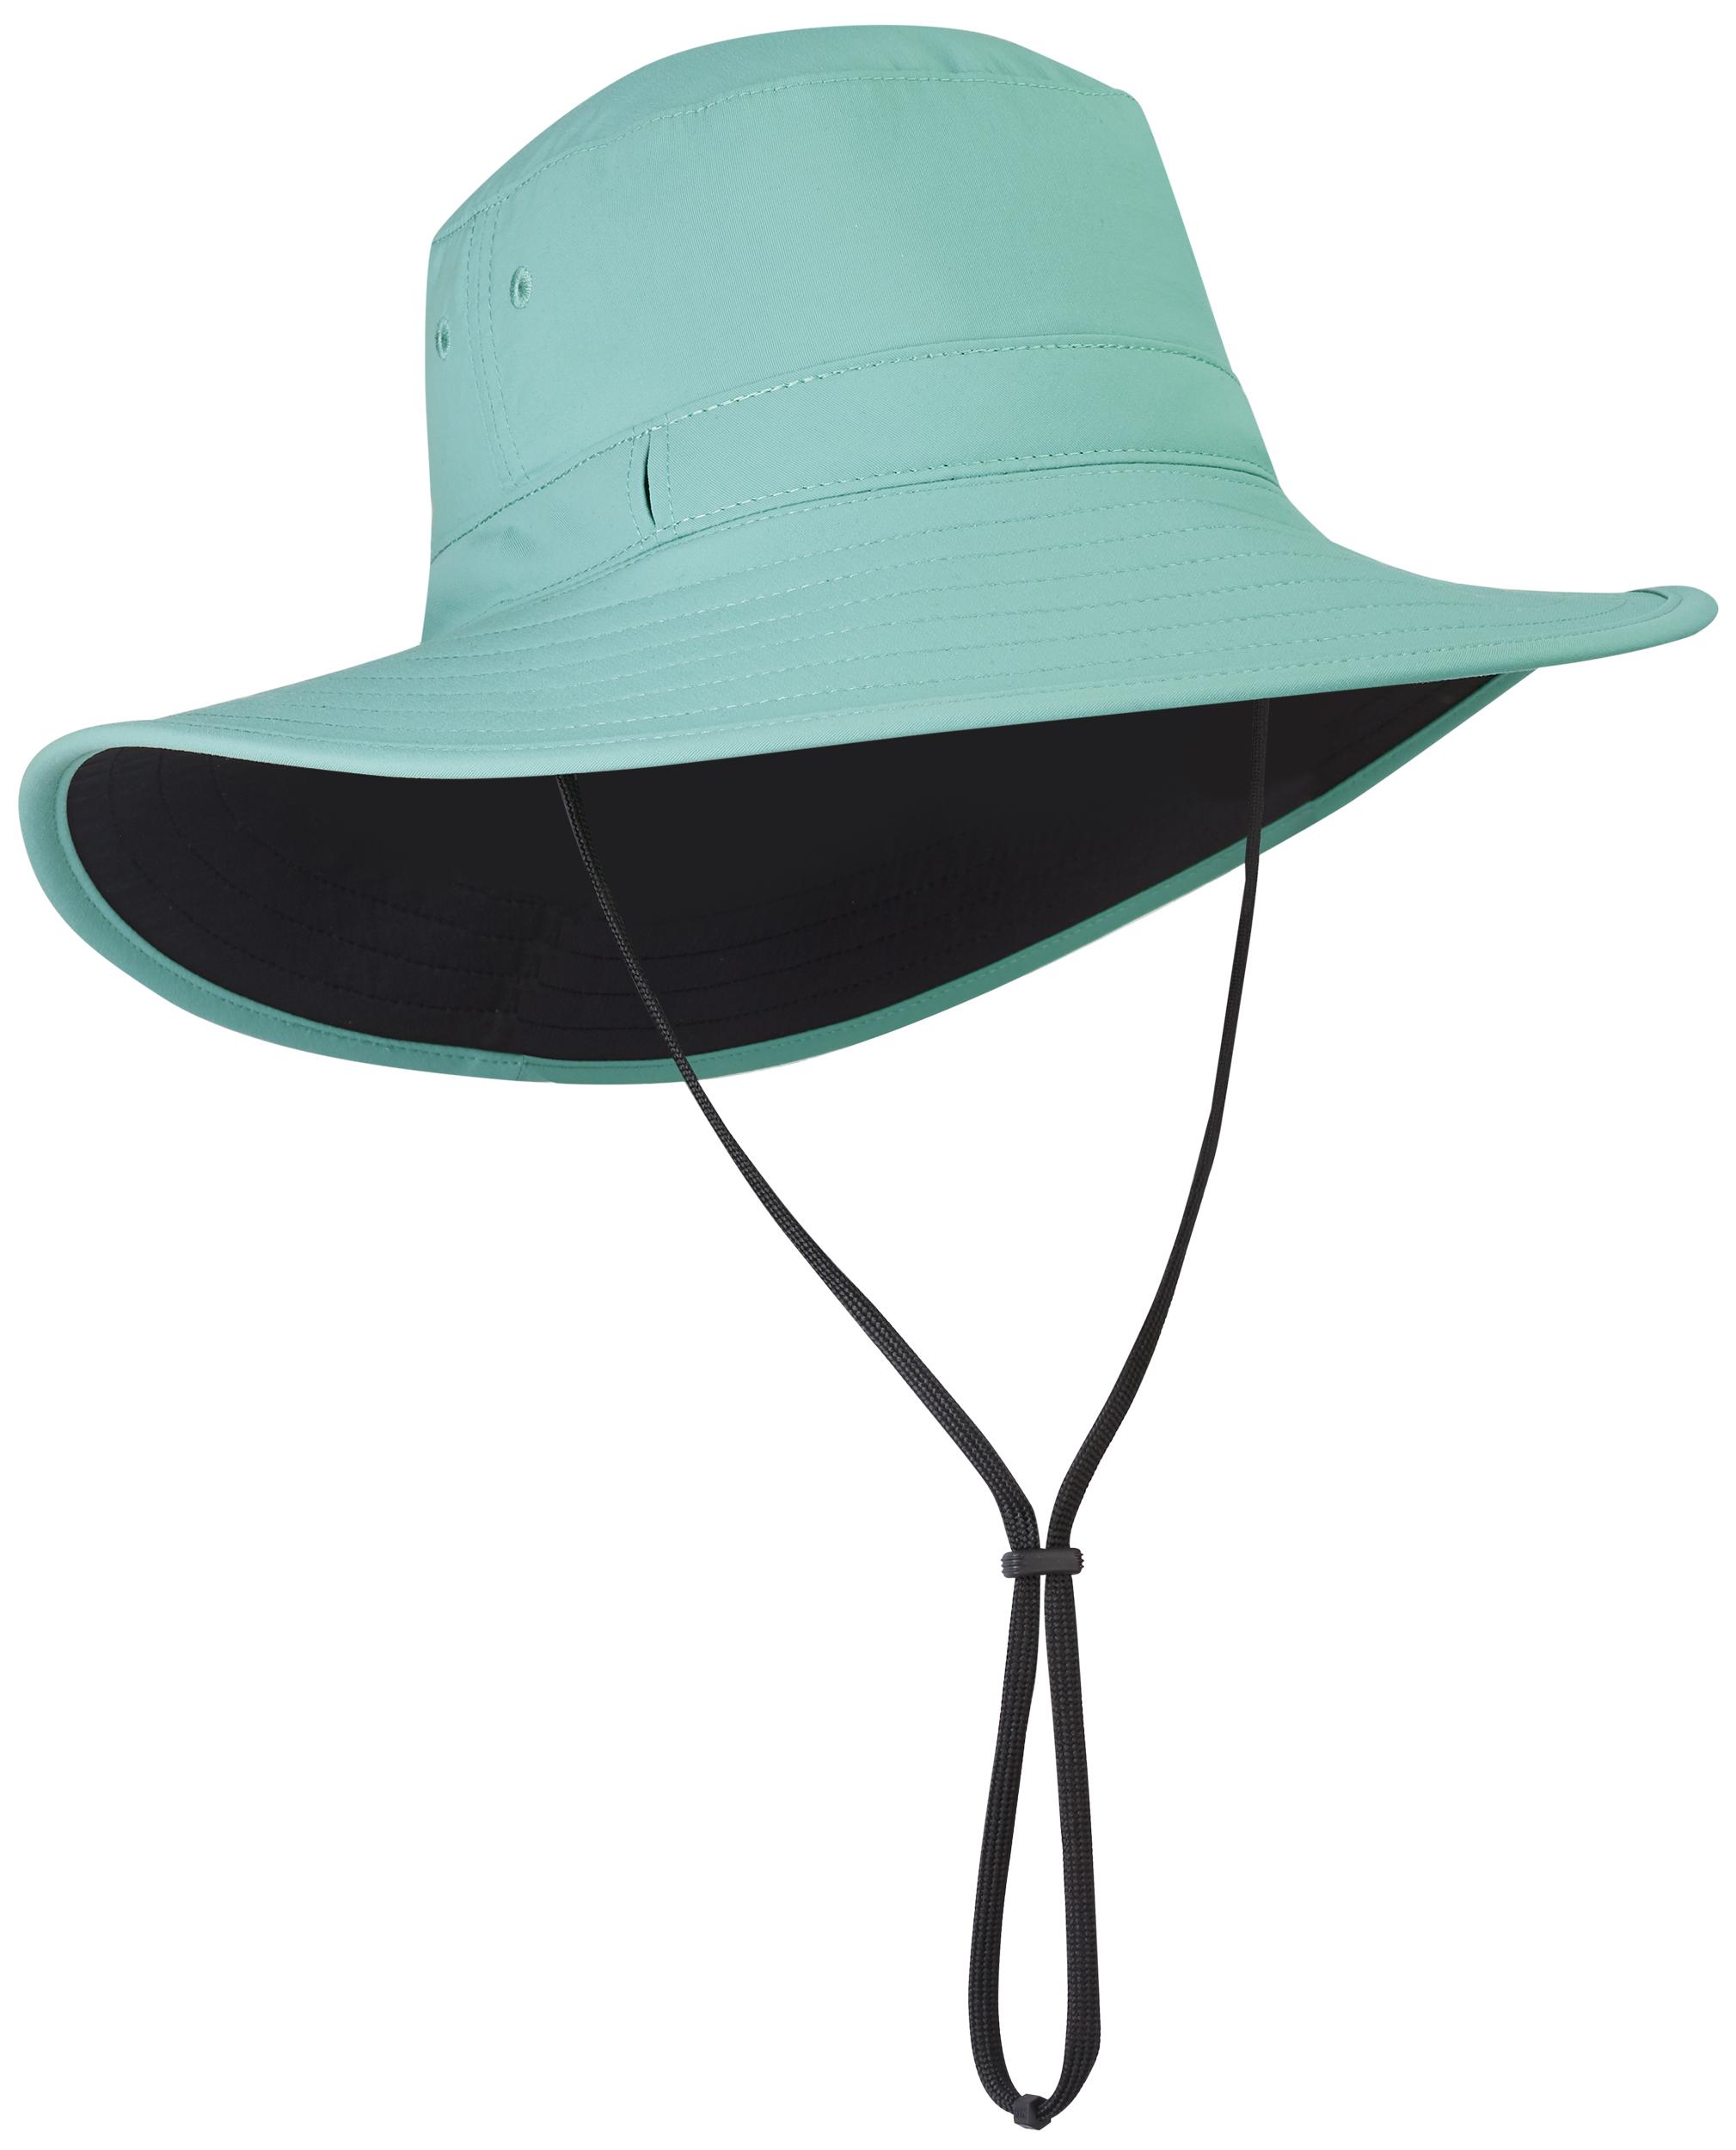 ed435c9c1c8 MEC Sun Dodger Wide Brim Hat - Unisex